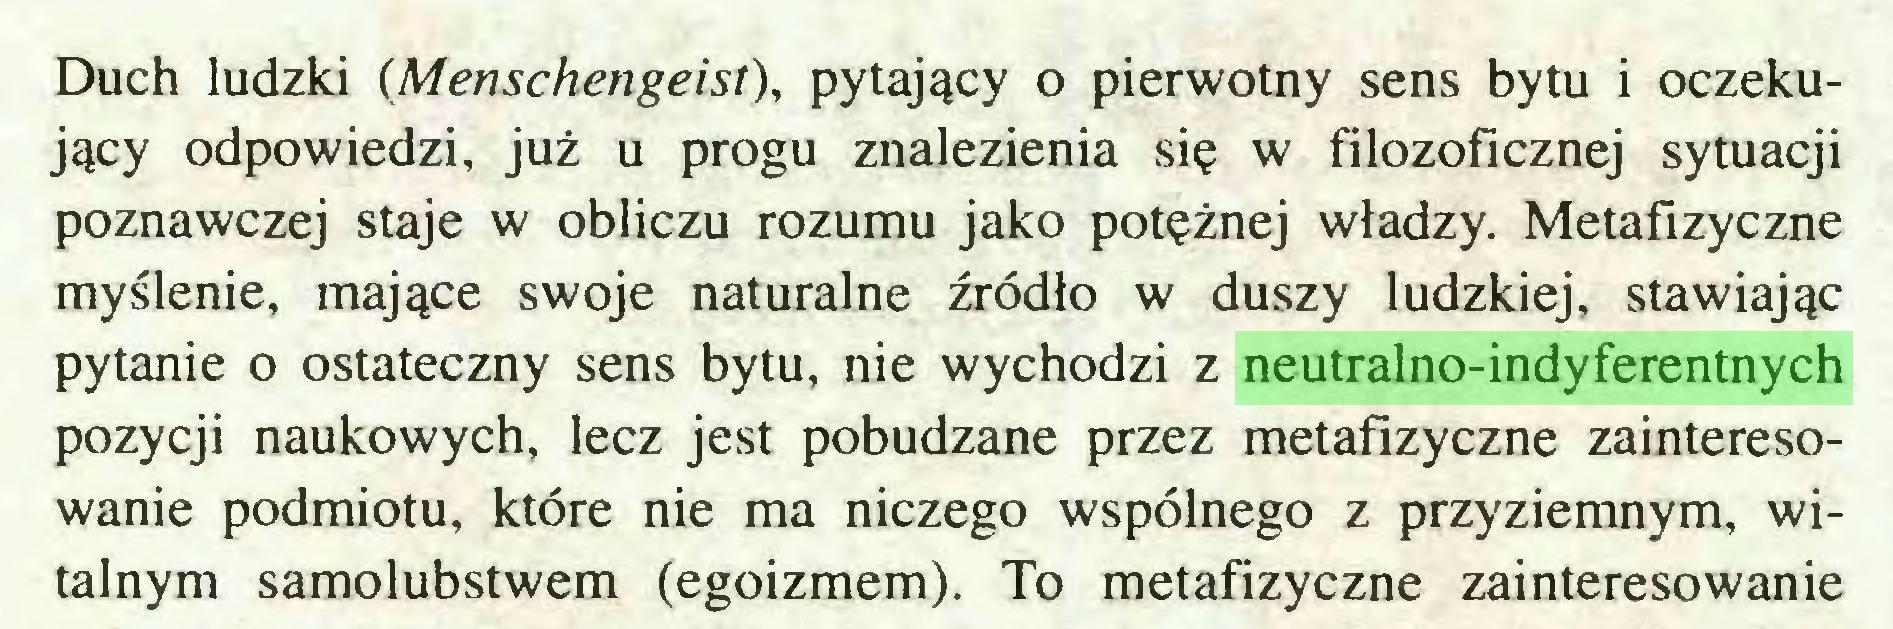 (...) Duch ludzki (Menschengeist), pytający o pierwotny sens bytu i oczekujący odpowiedzi, już u progu znalezienia się w filozoficznej sytuacji poznawczej staje w obliczu rozumu jako potężnej władzy. Metafizyczne myślenie, mające swoje naturalne źródło w duszy ludzkiej, stawiając pytanie o ostateczny sens bytu, nie wychodzi z neutralno-indyferentnych pozycji naukowych, lecz jest pobudzane przez metafizyczne zainteresowanie podmiotu, które nie ma niczego wspólnego z przyziemnym, witalnym samolubstwem (egoizmem). To metafizyczne zainteresowanie...